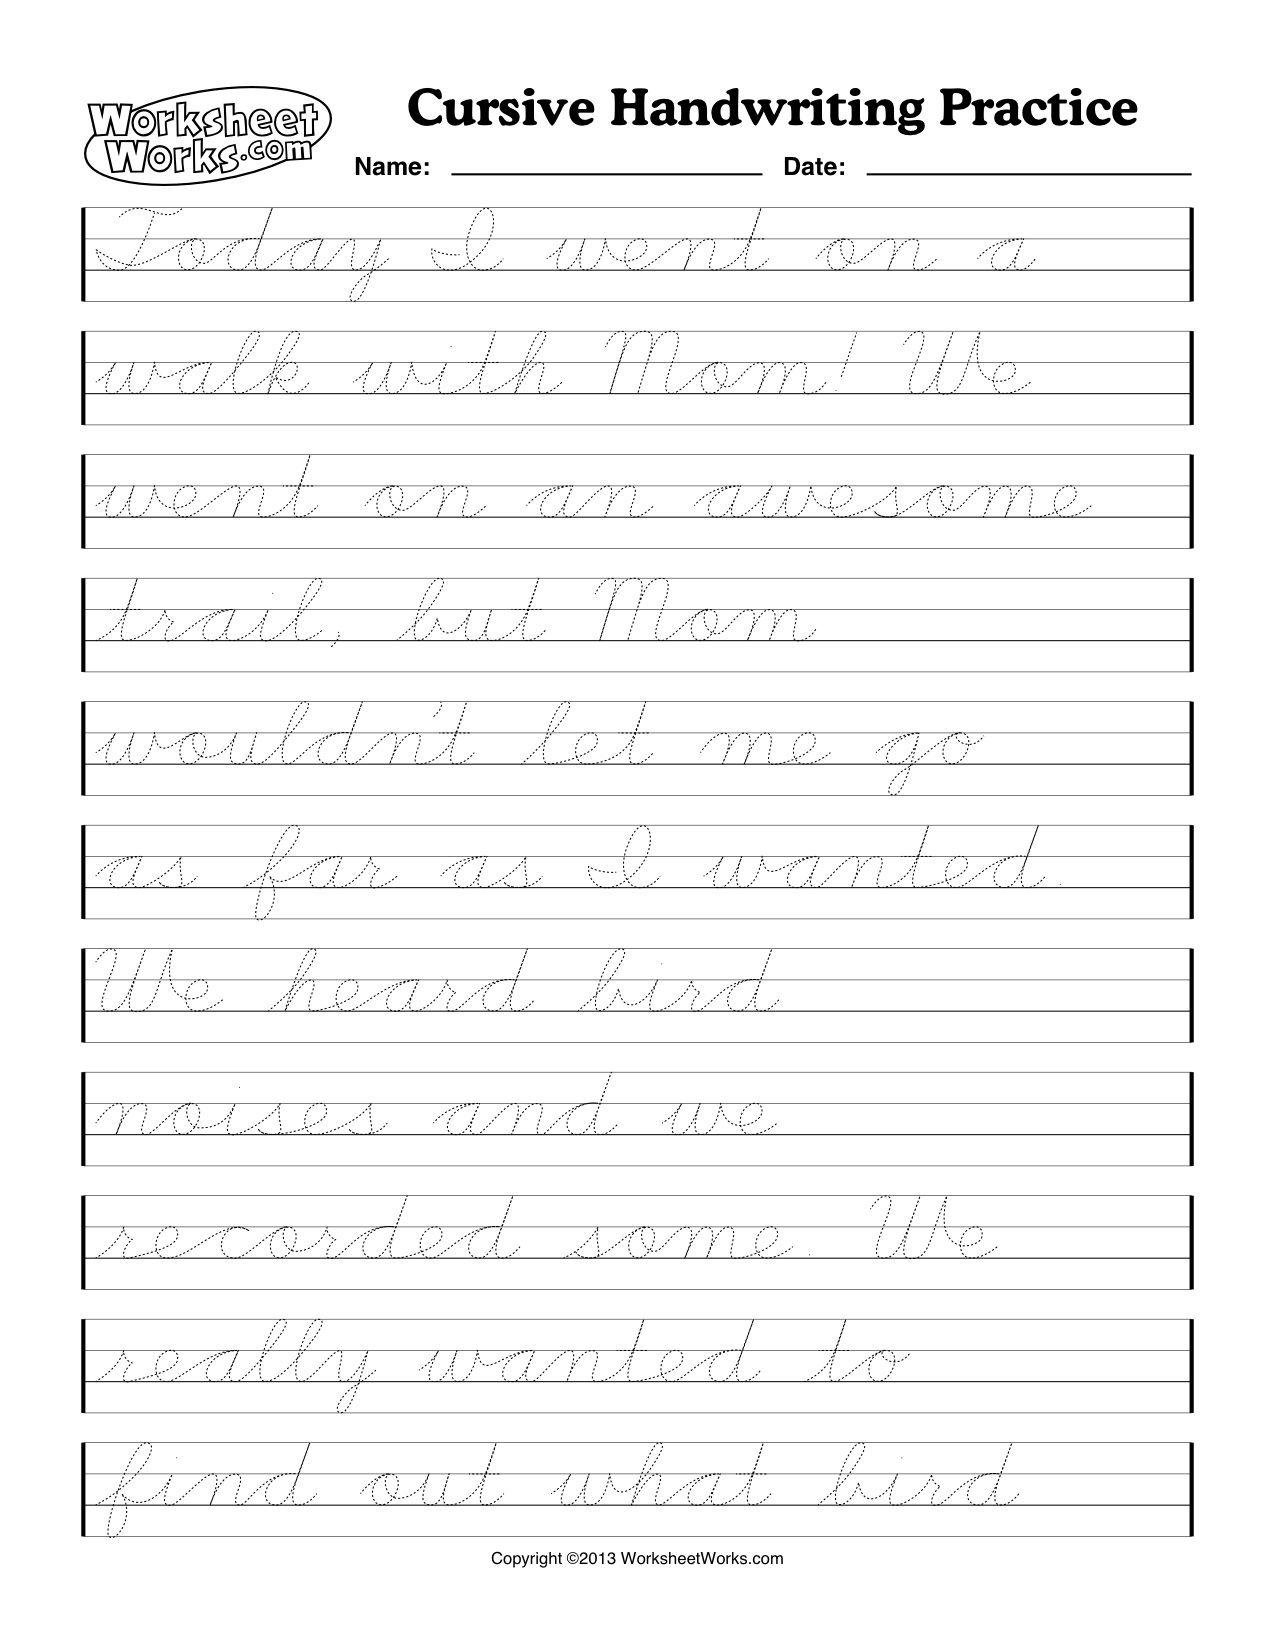 English Handwriting Practice Sheets - Koran.sticken.co | Free Printable Script Writing Worksheets